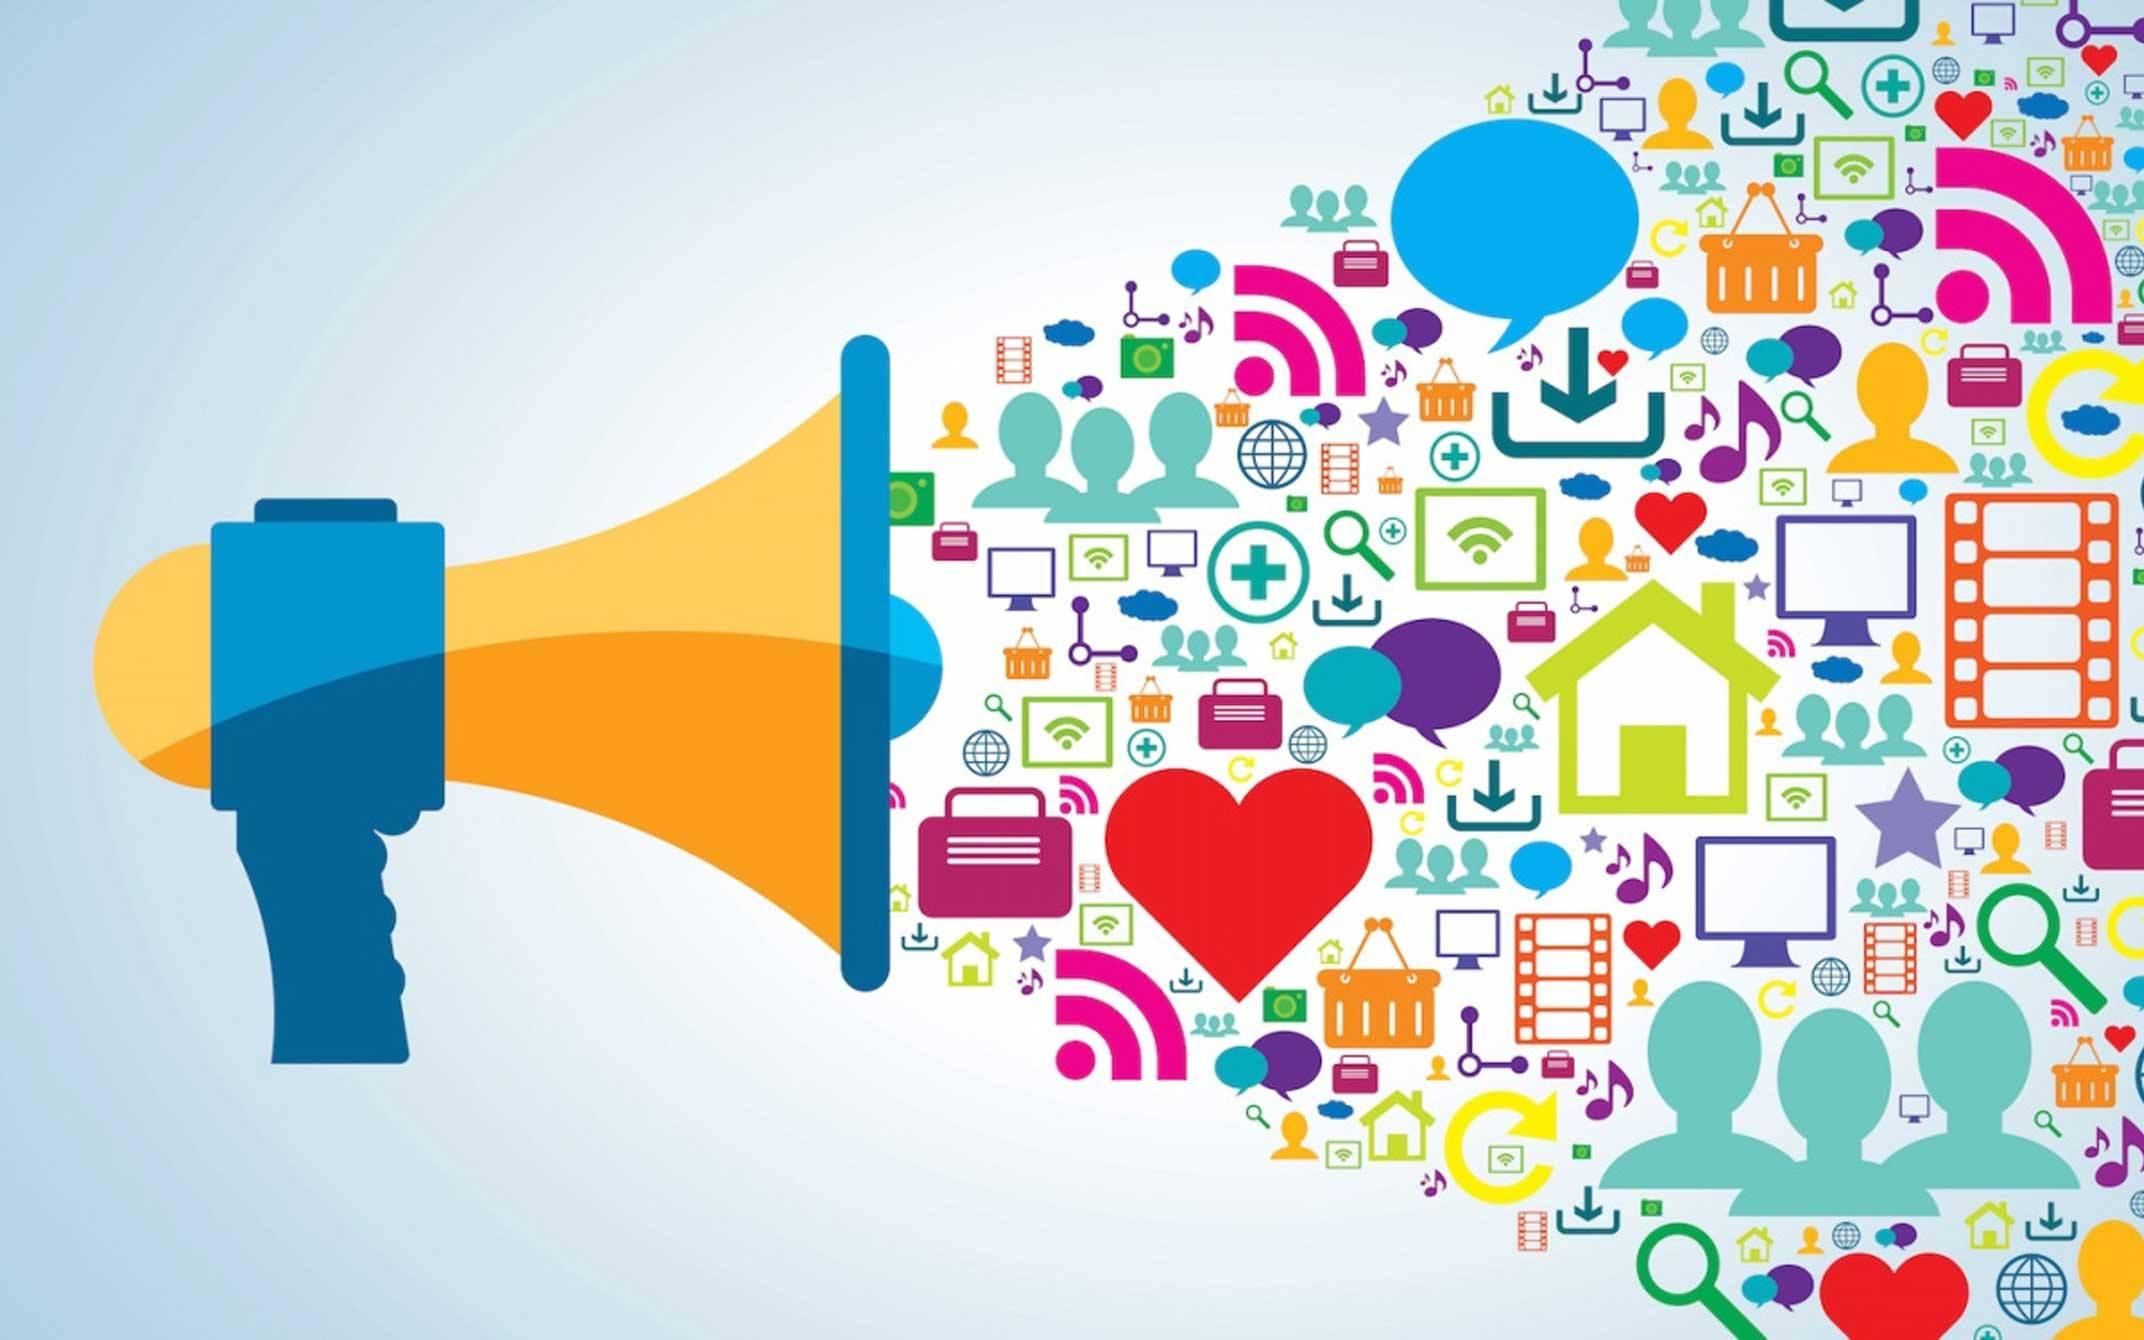 Top Brands Blogmeter, analisi del peso sui social network per i marchi assicurativi